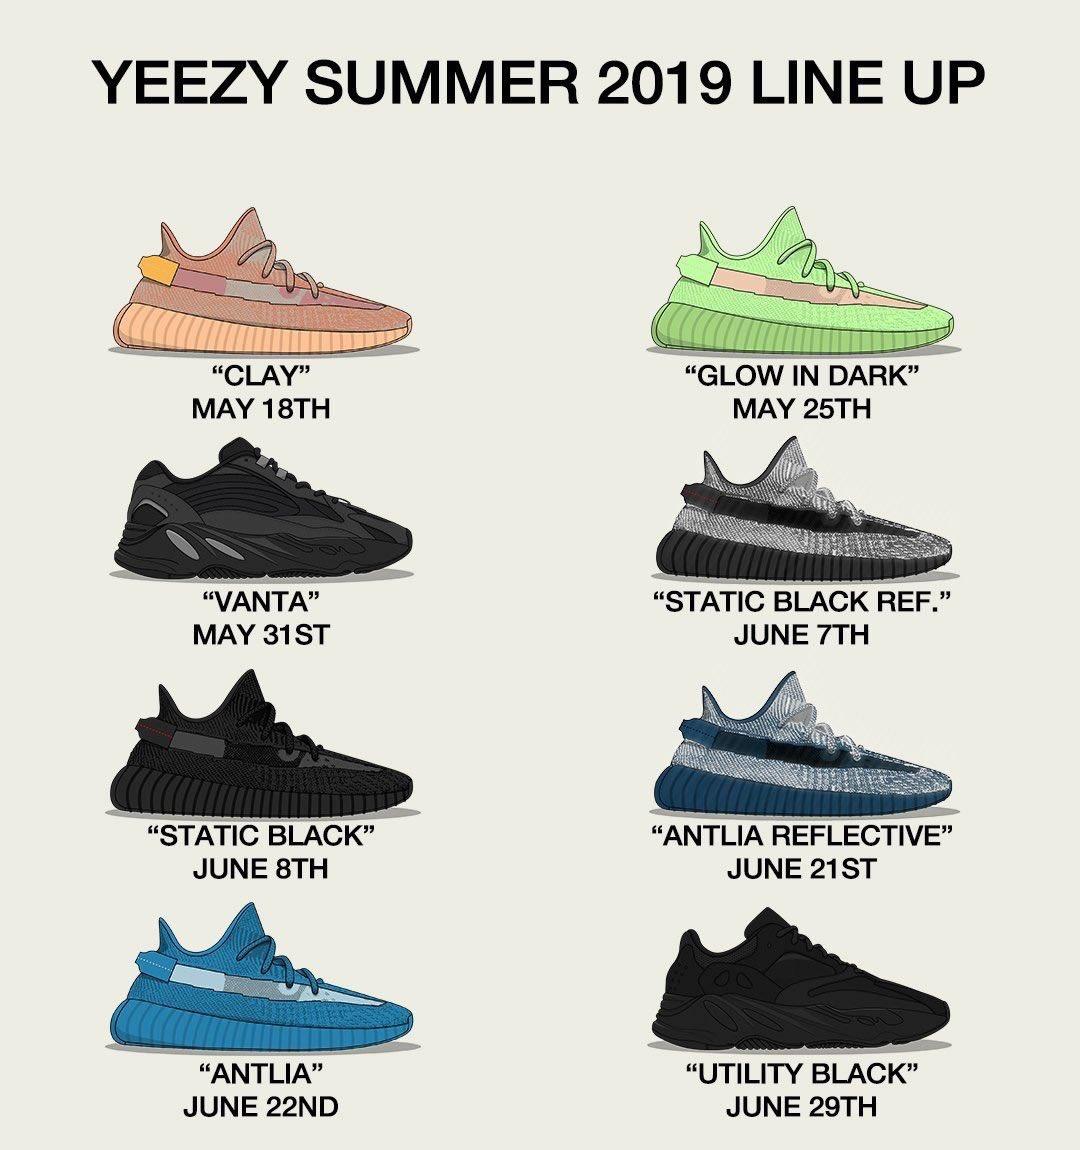 yeezy reflective 2019 off 64% - www